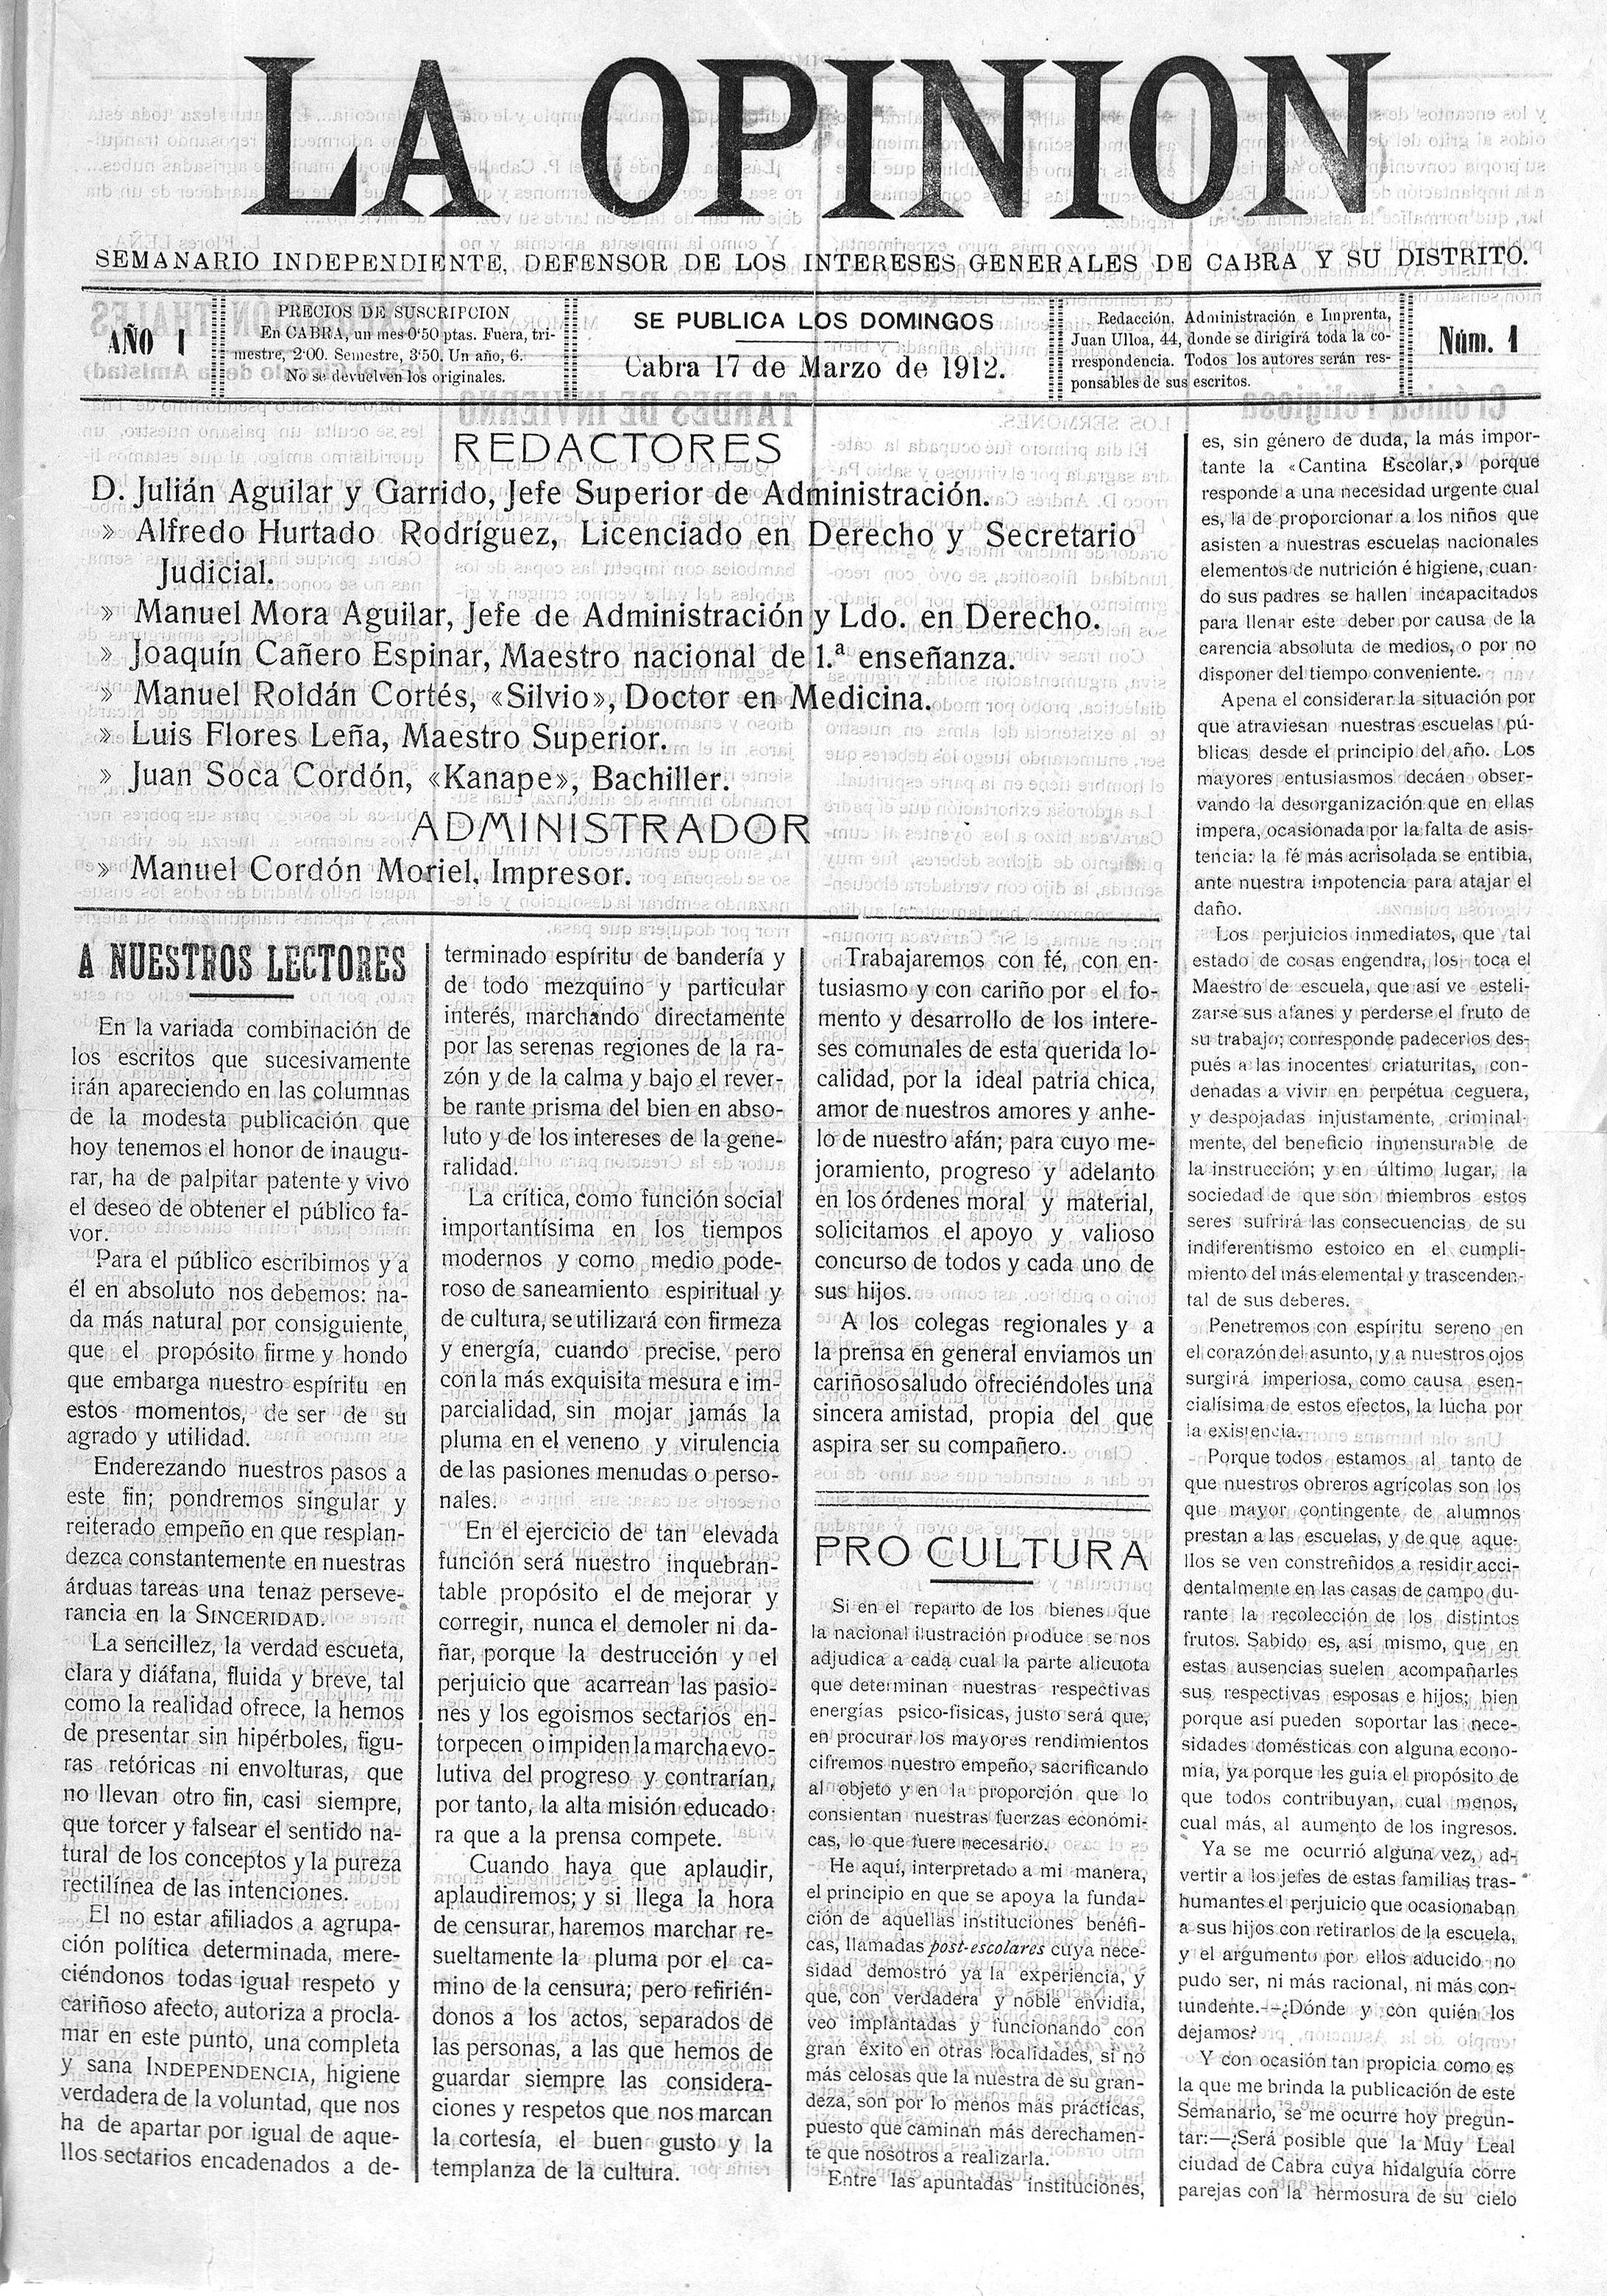 Portada del primer número publicado el 17 de marzo de 1912